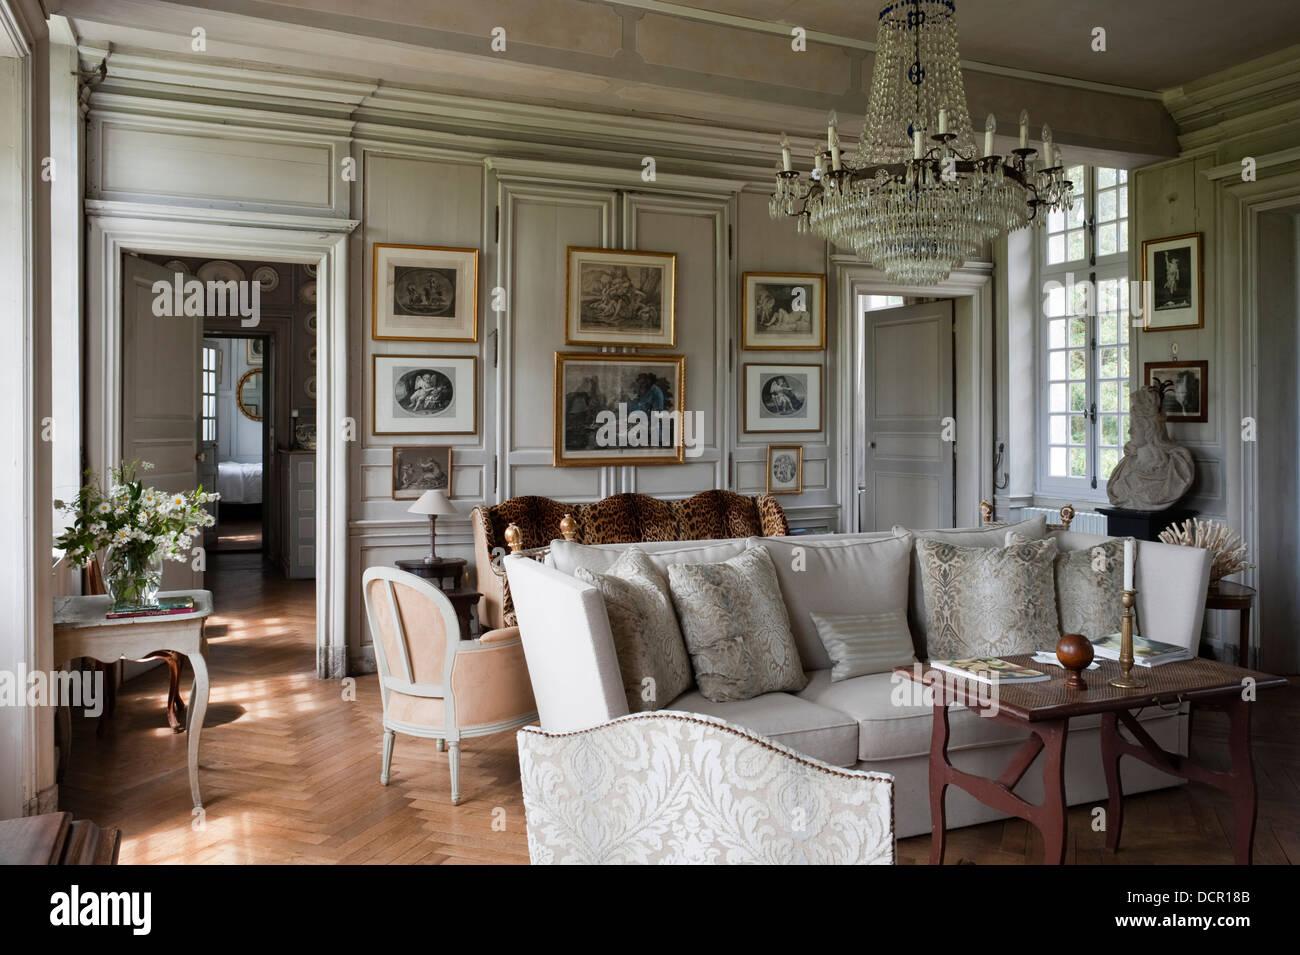 18c lampadario in un elegante salotto riempito con il for Salotto elegante